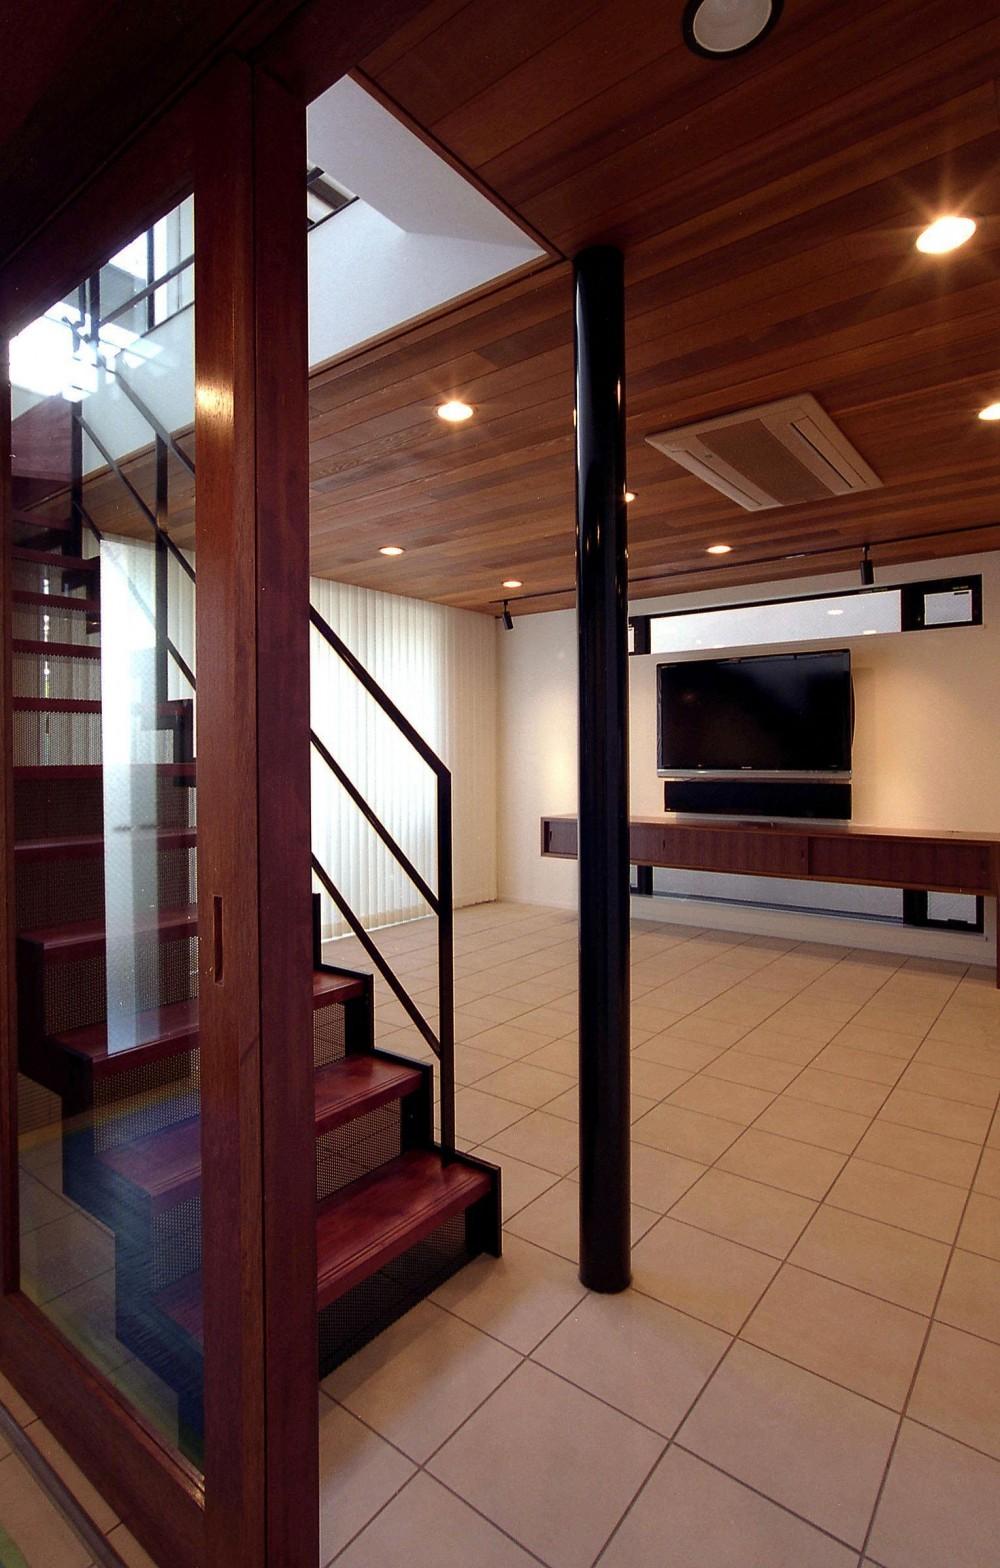 大坪和朗建築設計事務所「オープンテラスの家・OPEN TERRACE HOUSE 東京都世田谷区」